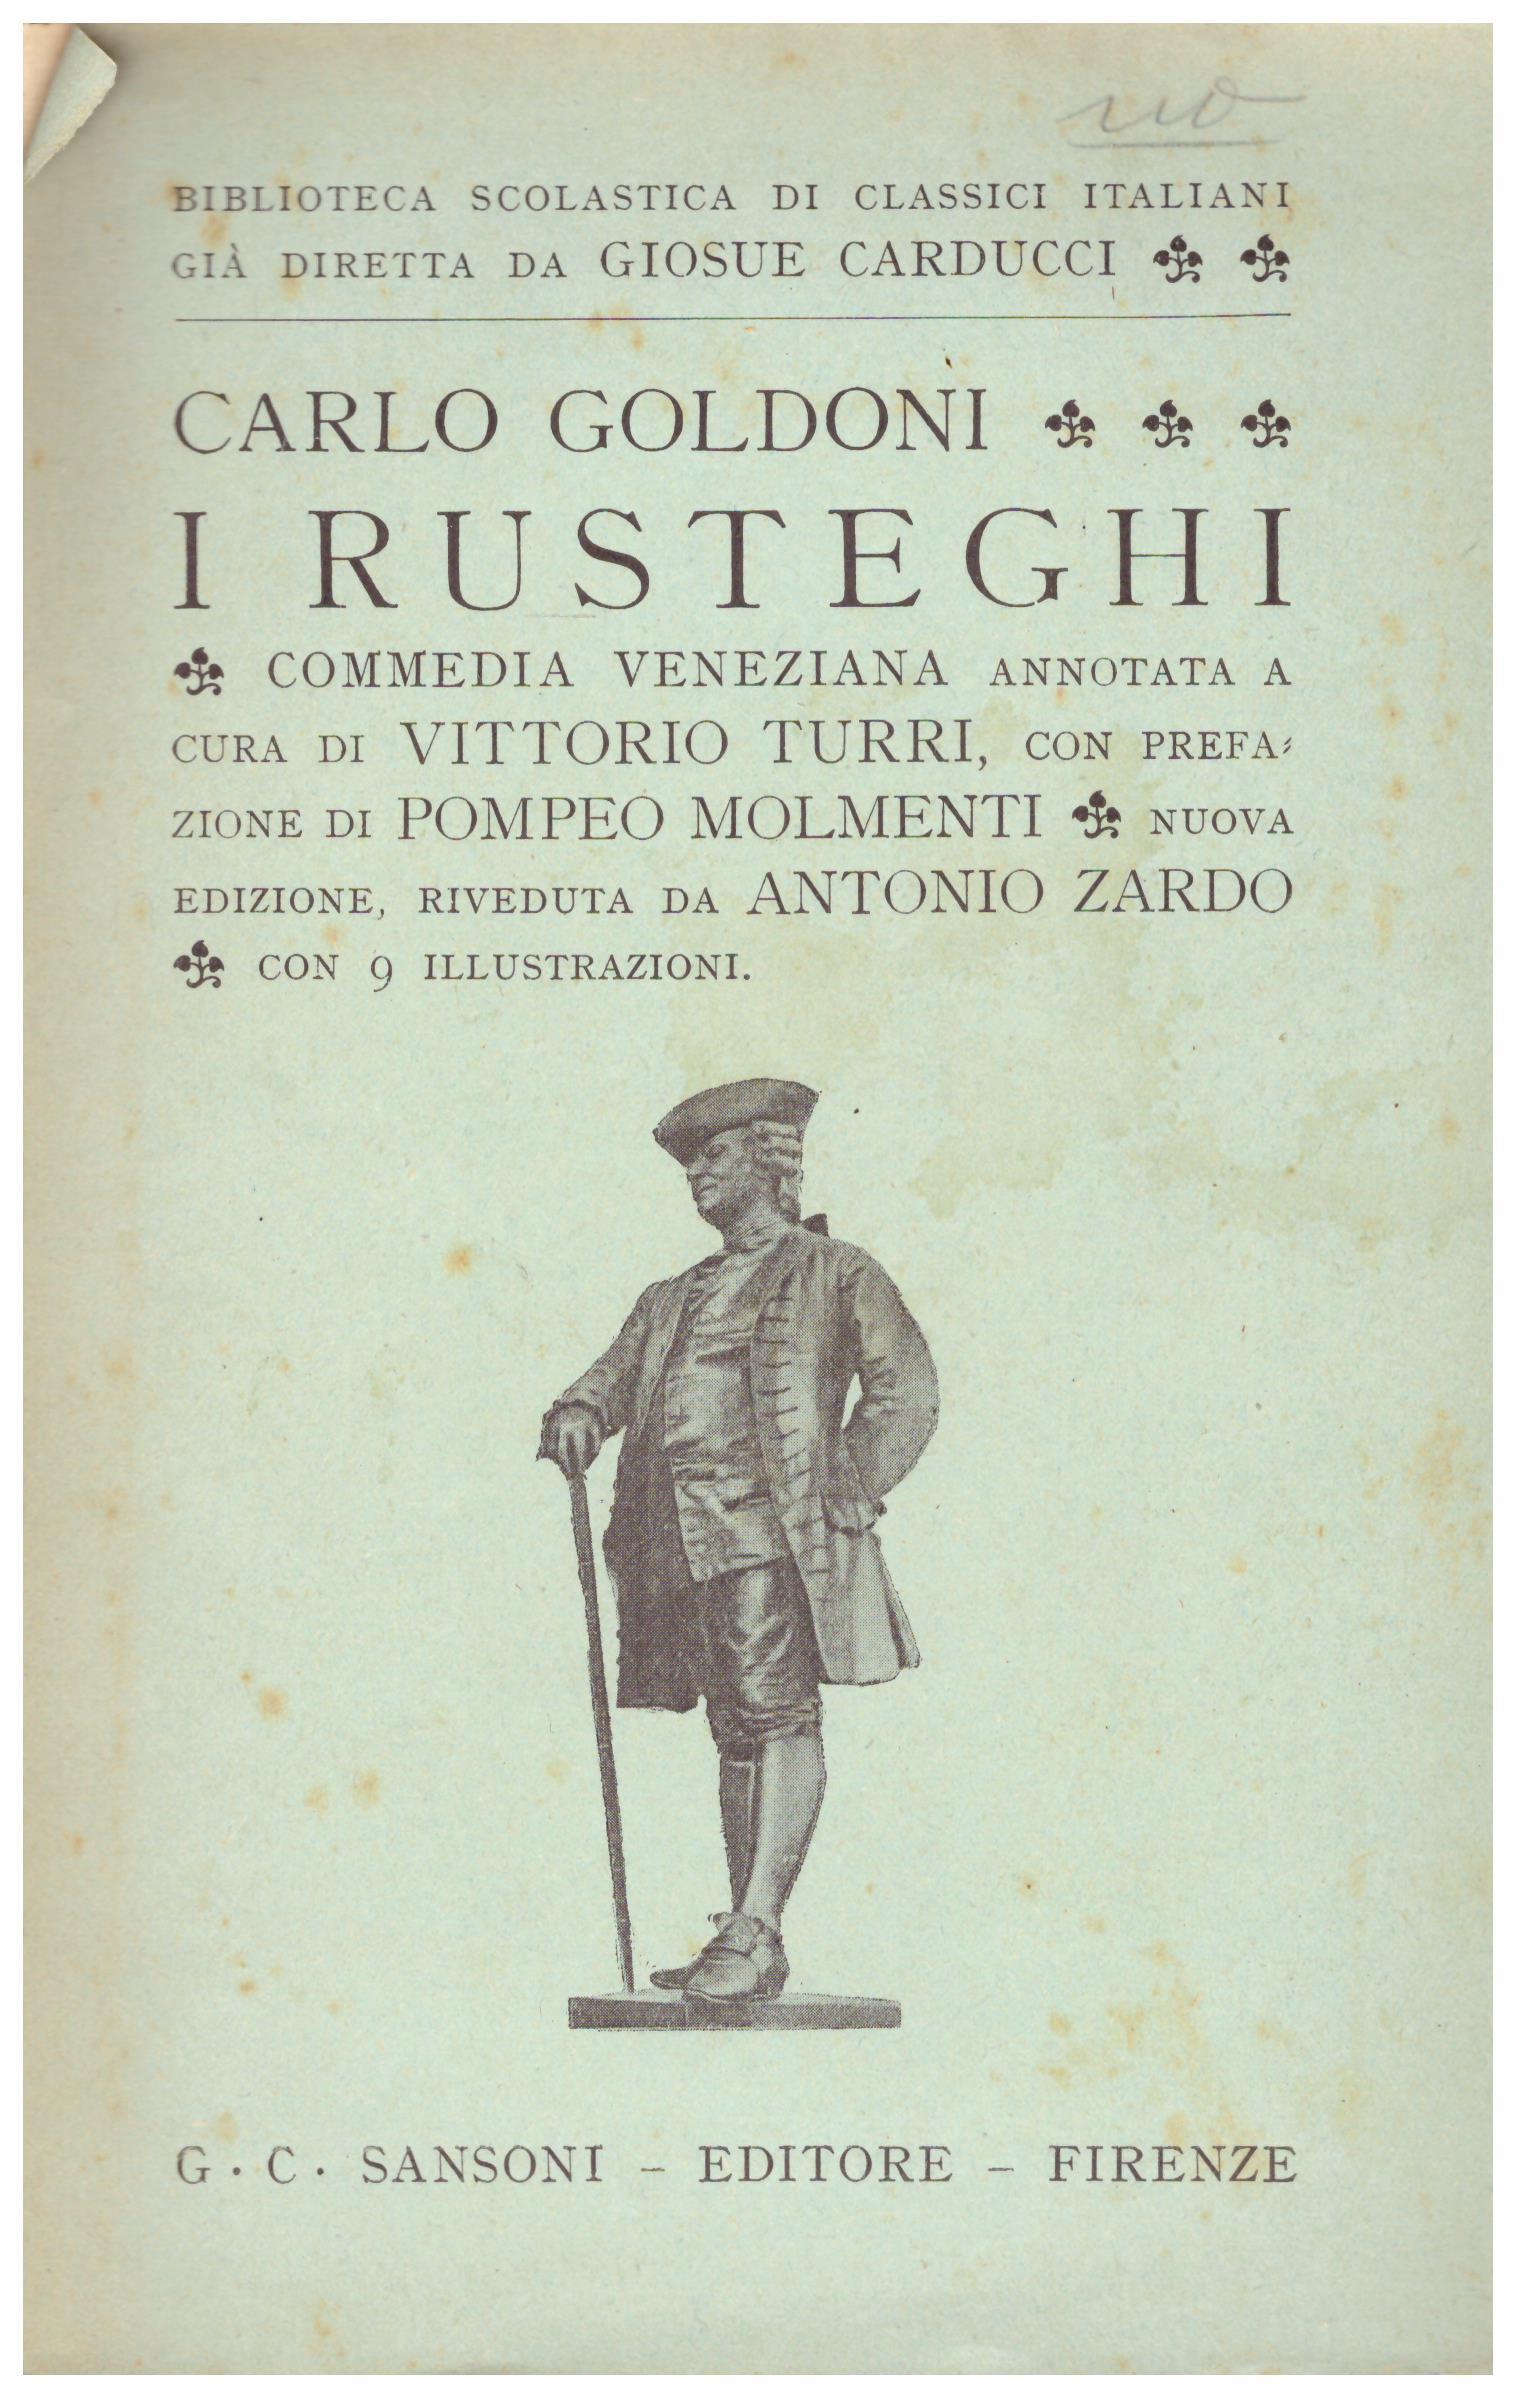 Titolo: I rusteghi     Autore: Carlo Goldoni    Editore: Sansoni-Firenze